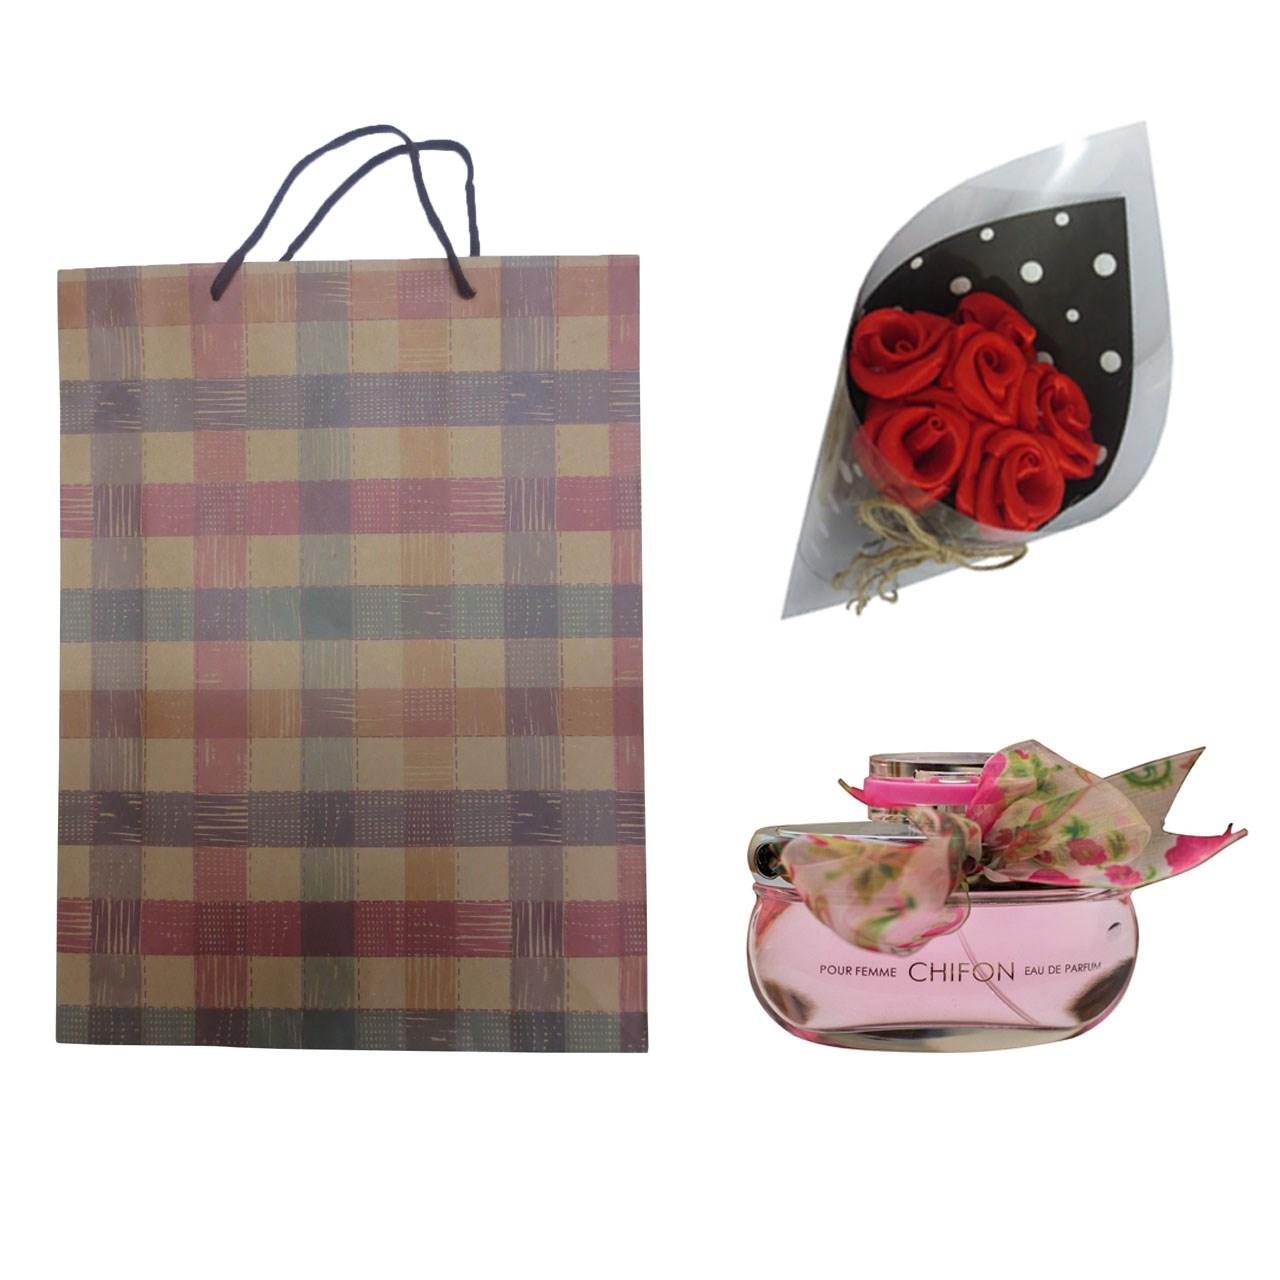 ست هدیه ادو پرفیوم زنانه امپر مدل Chifon حجم 100 میلی لیتر به همراه دسته گل مصنوعی F1  و کیف هدیهB1